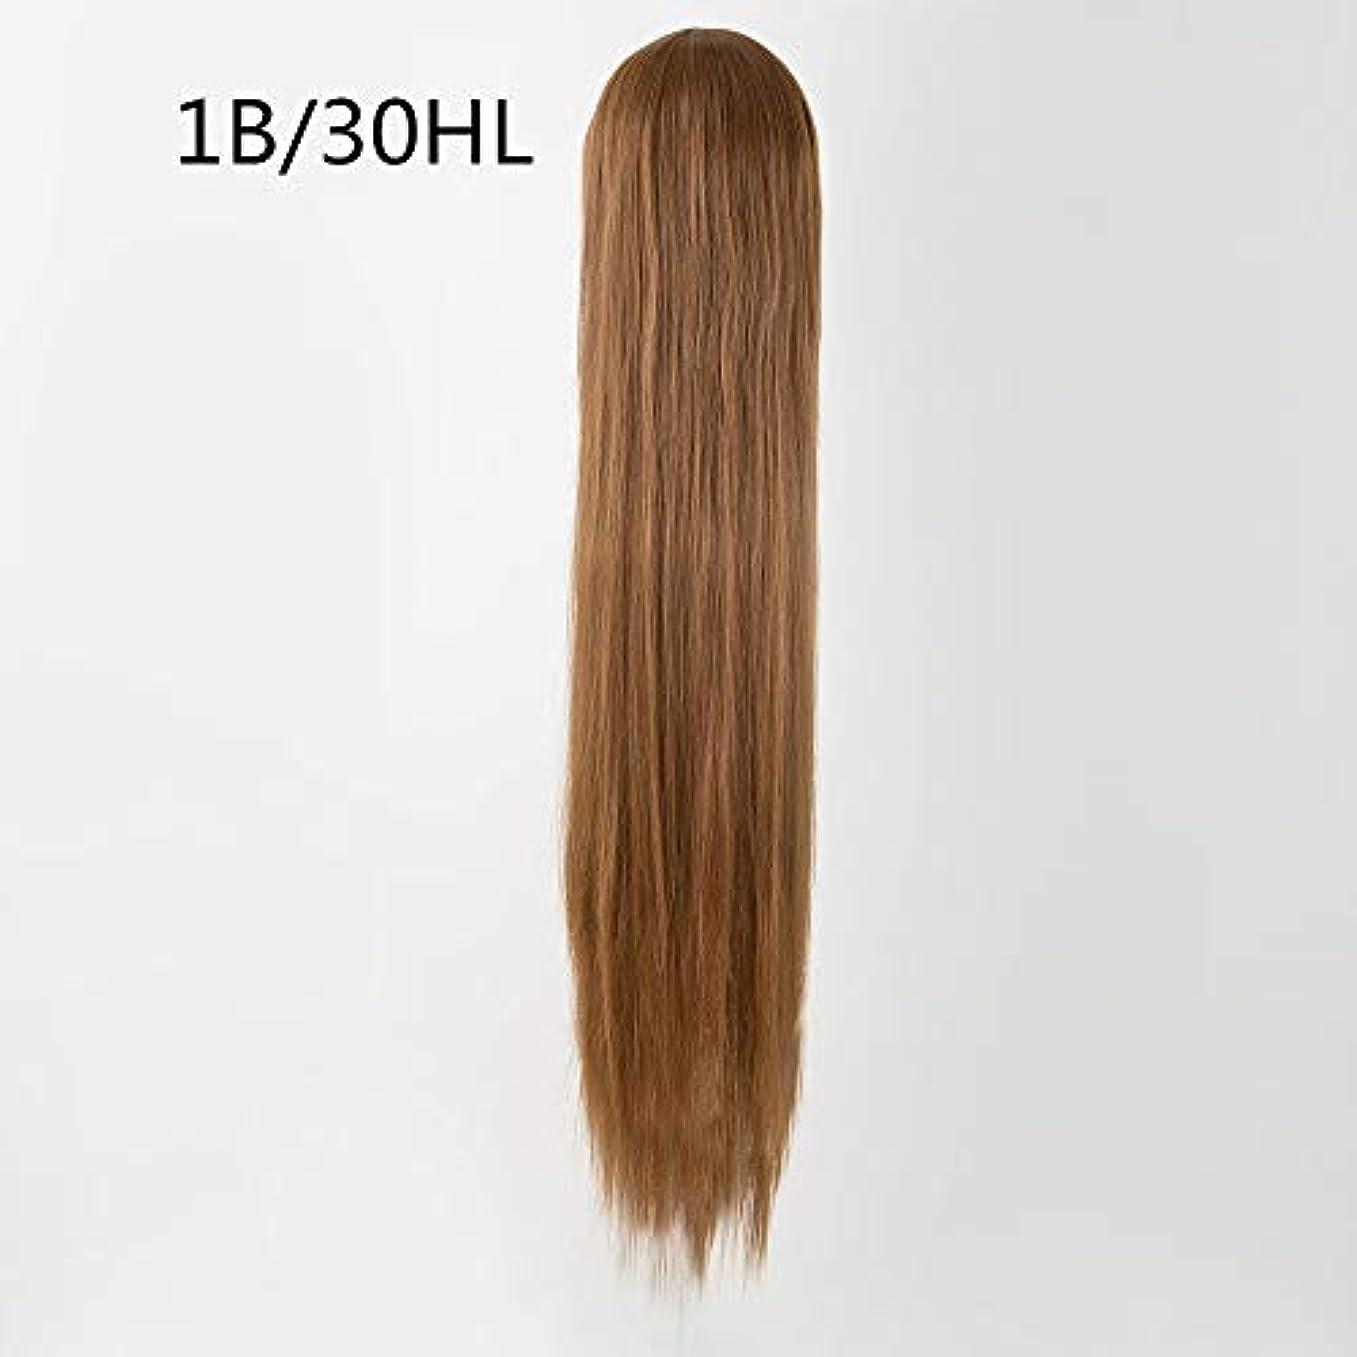 ほめるホーム蘇生するBeTTi 黒かつら100センチ/ 40インチ合成耐熱繊維ロングハロウィーンカーニバル衣装コスプレストレート女性の髪 (Color : 1B/30HL, Stretched Length : 38inches)